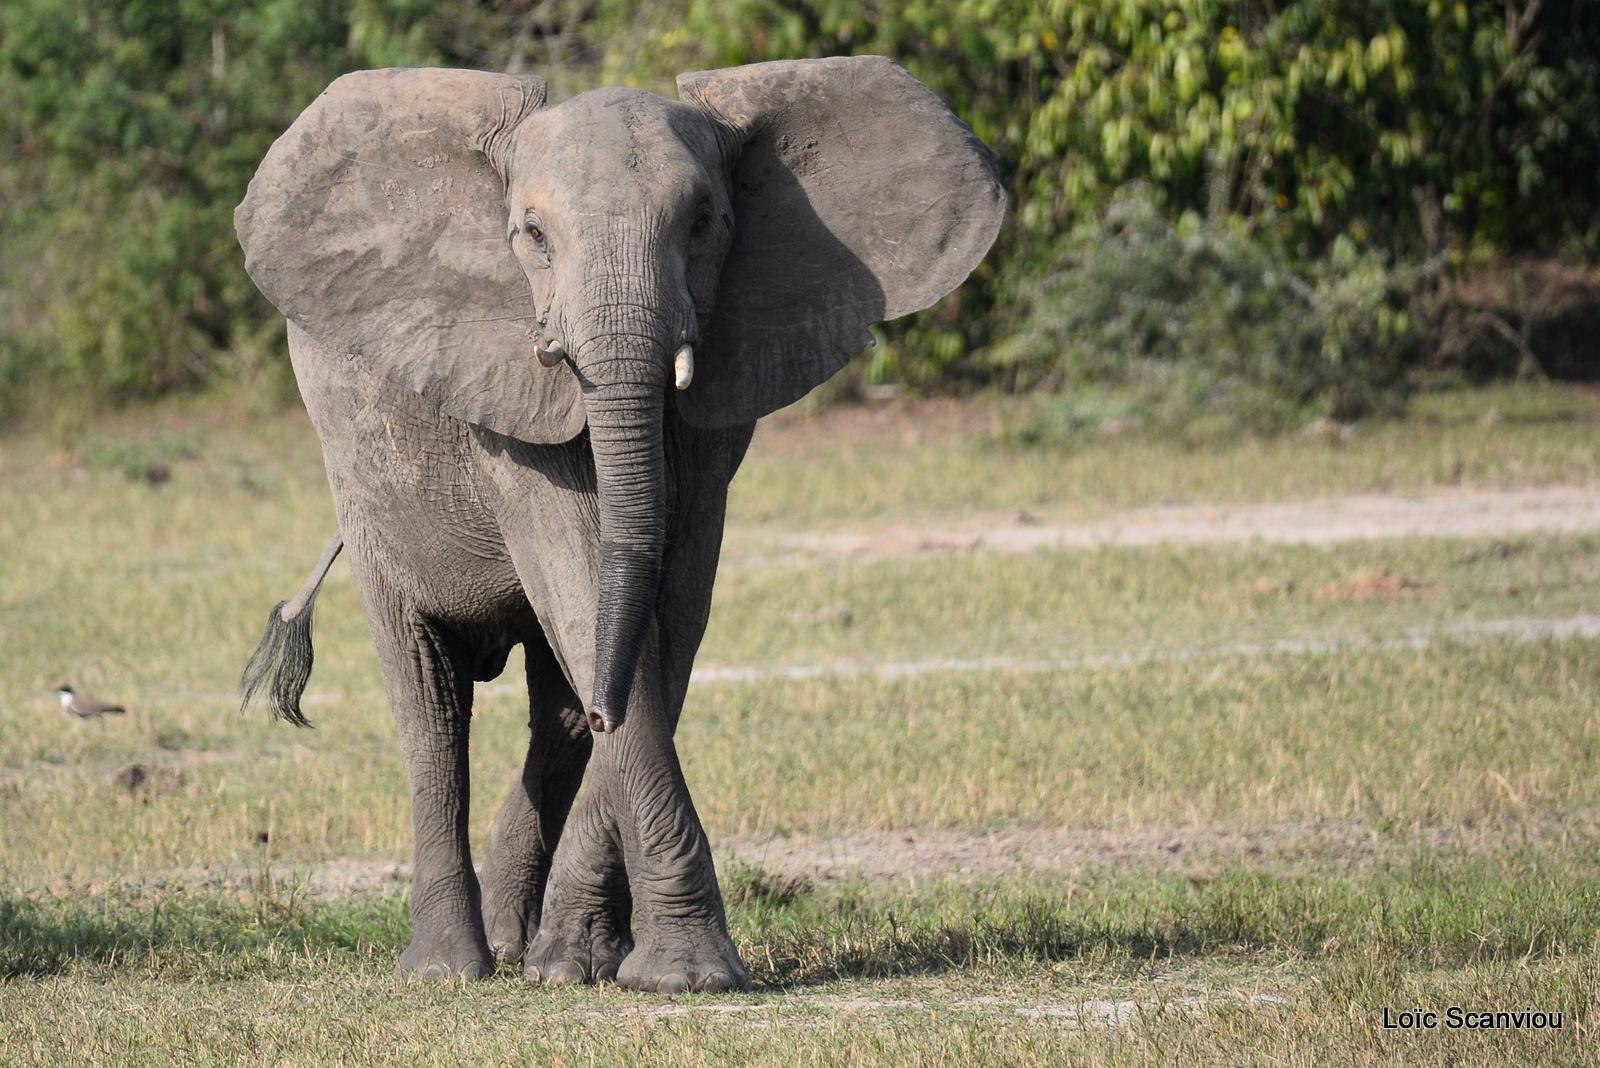 Éléphant de savane d'Afrique/Savanna Elephant (24)